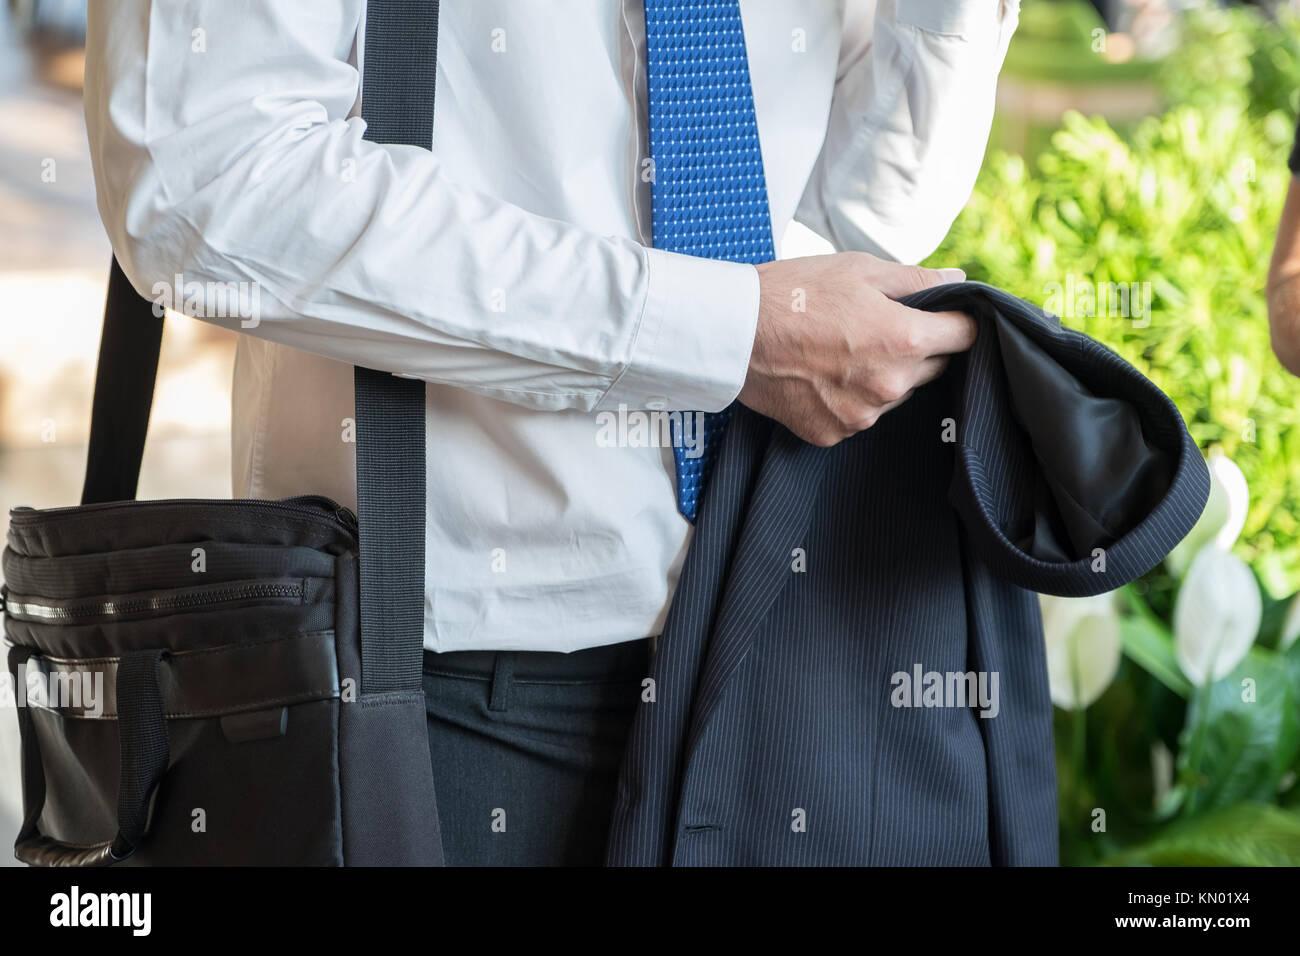 Unternehmer nehmen Anzug aus und sprechen mit Freundin nach der Arbeit im Korridor Bürogebäude, nach der Arbeit Stockfoto